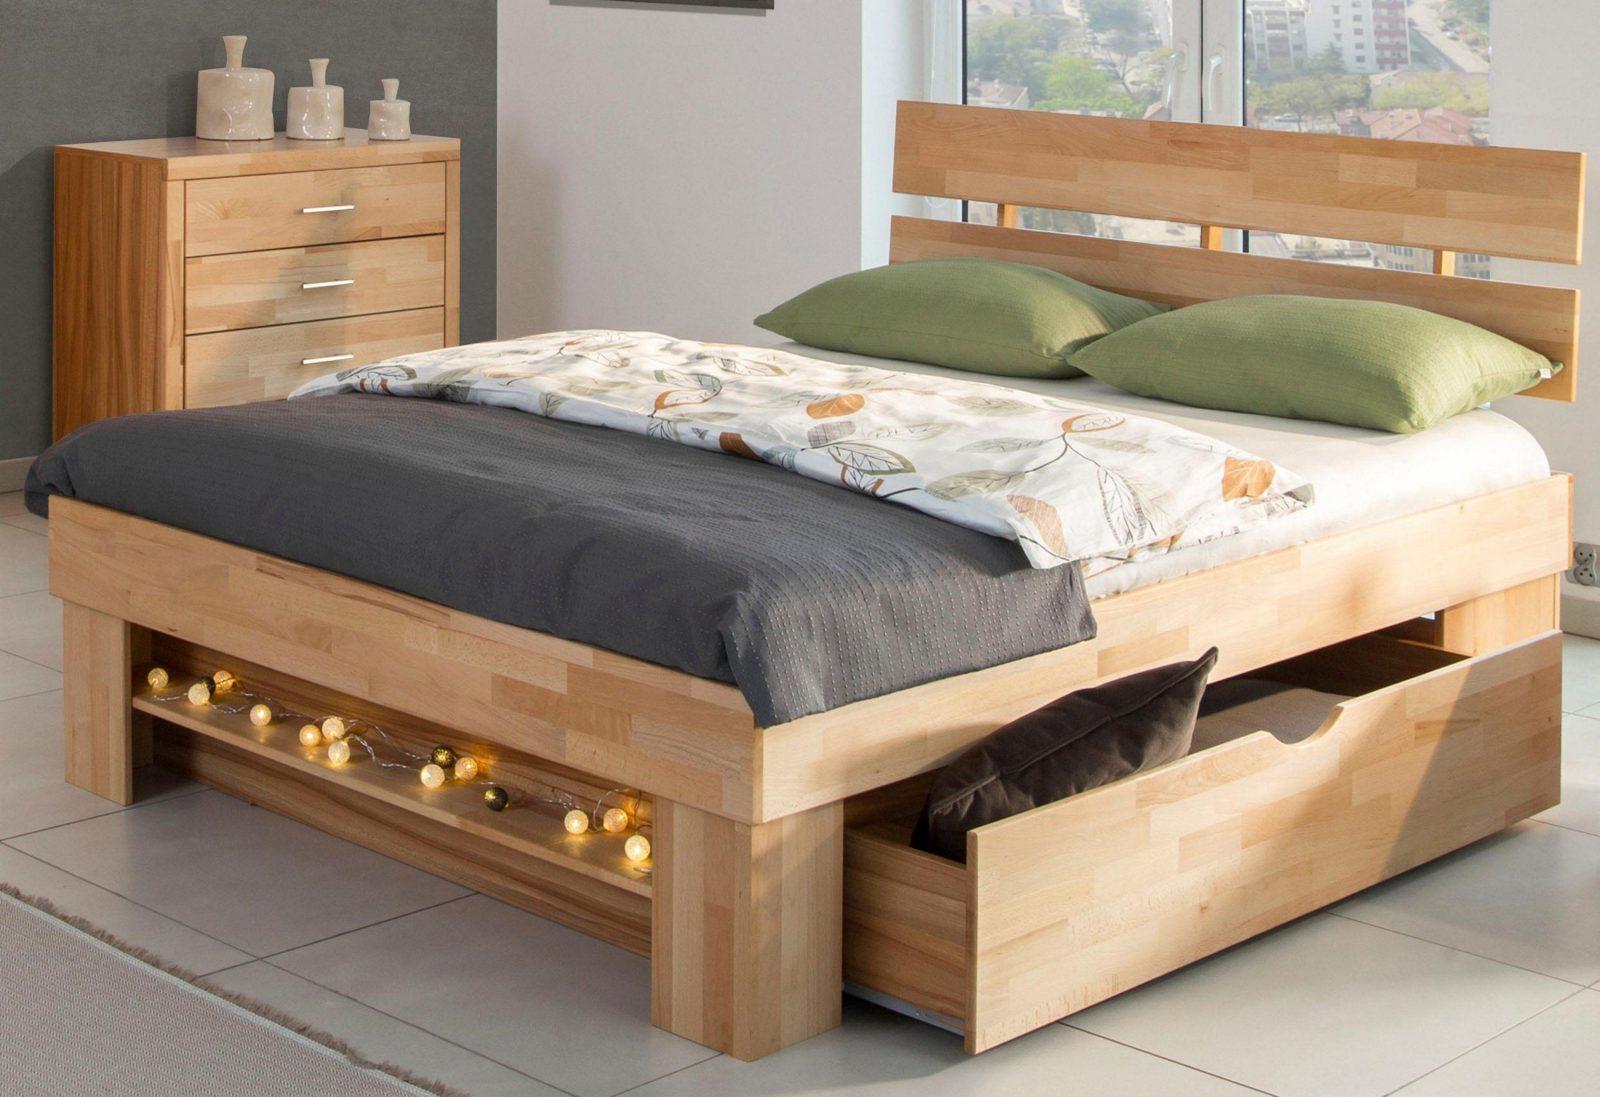 Stauraum Bett 160×200 Neu Inspiration Betreffend Stauraum Bett 160 von Bett Bauen Mit Stauraum Bild